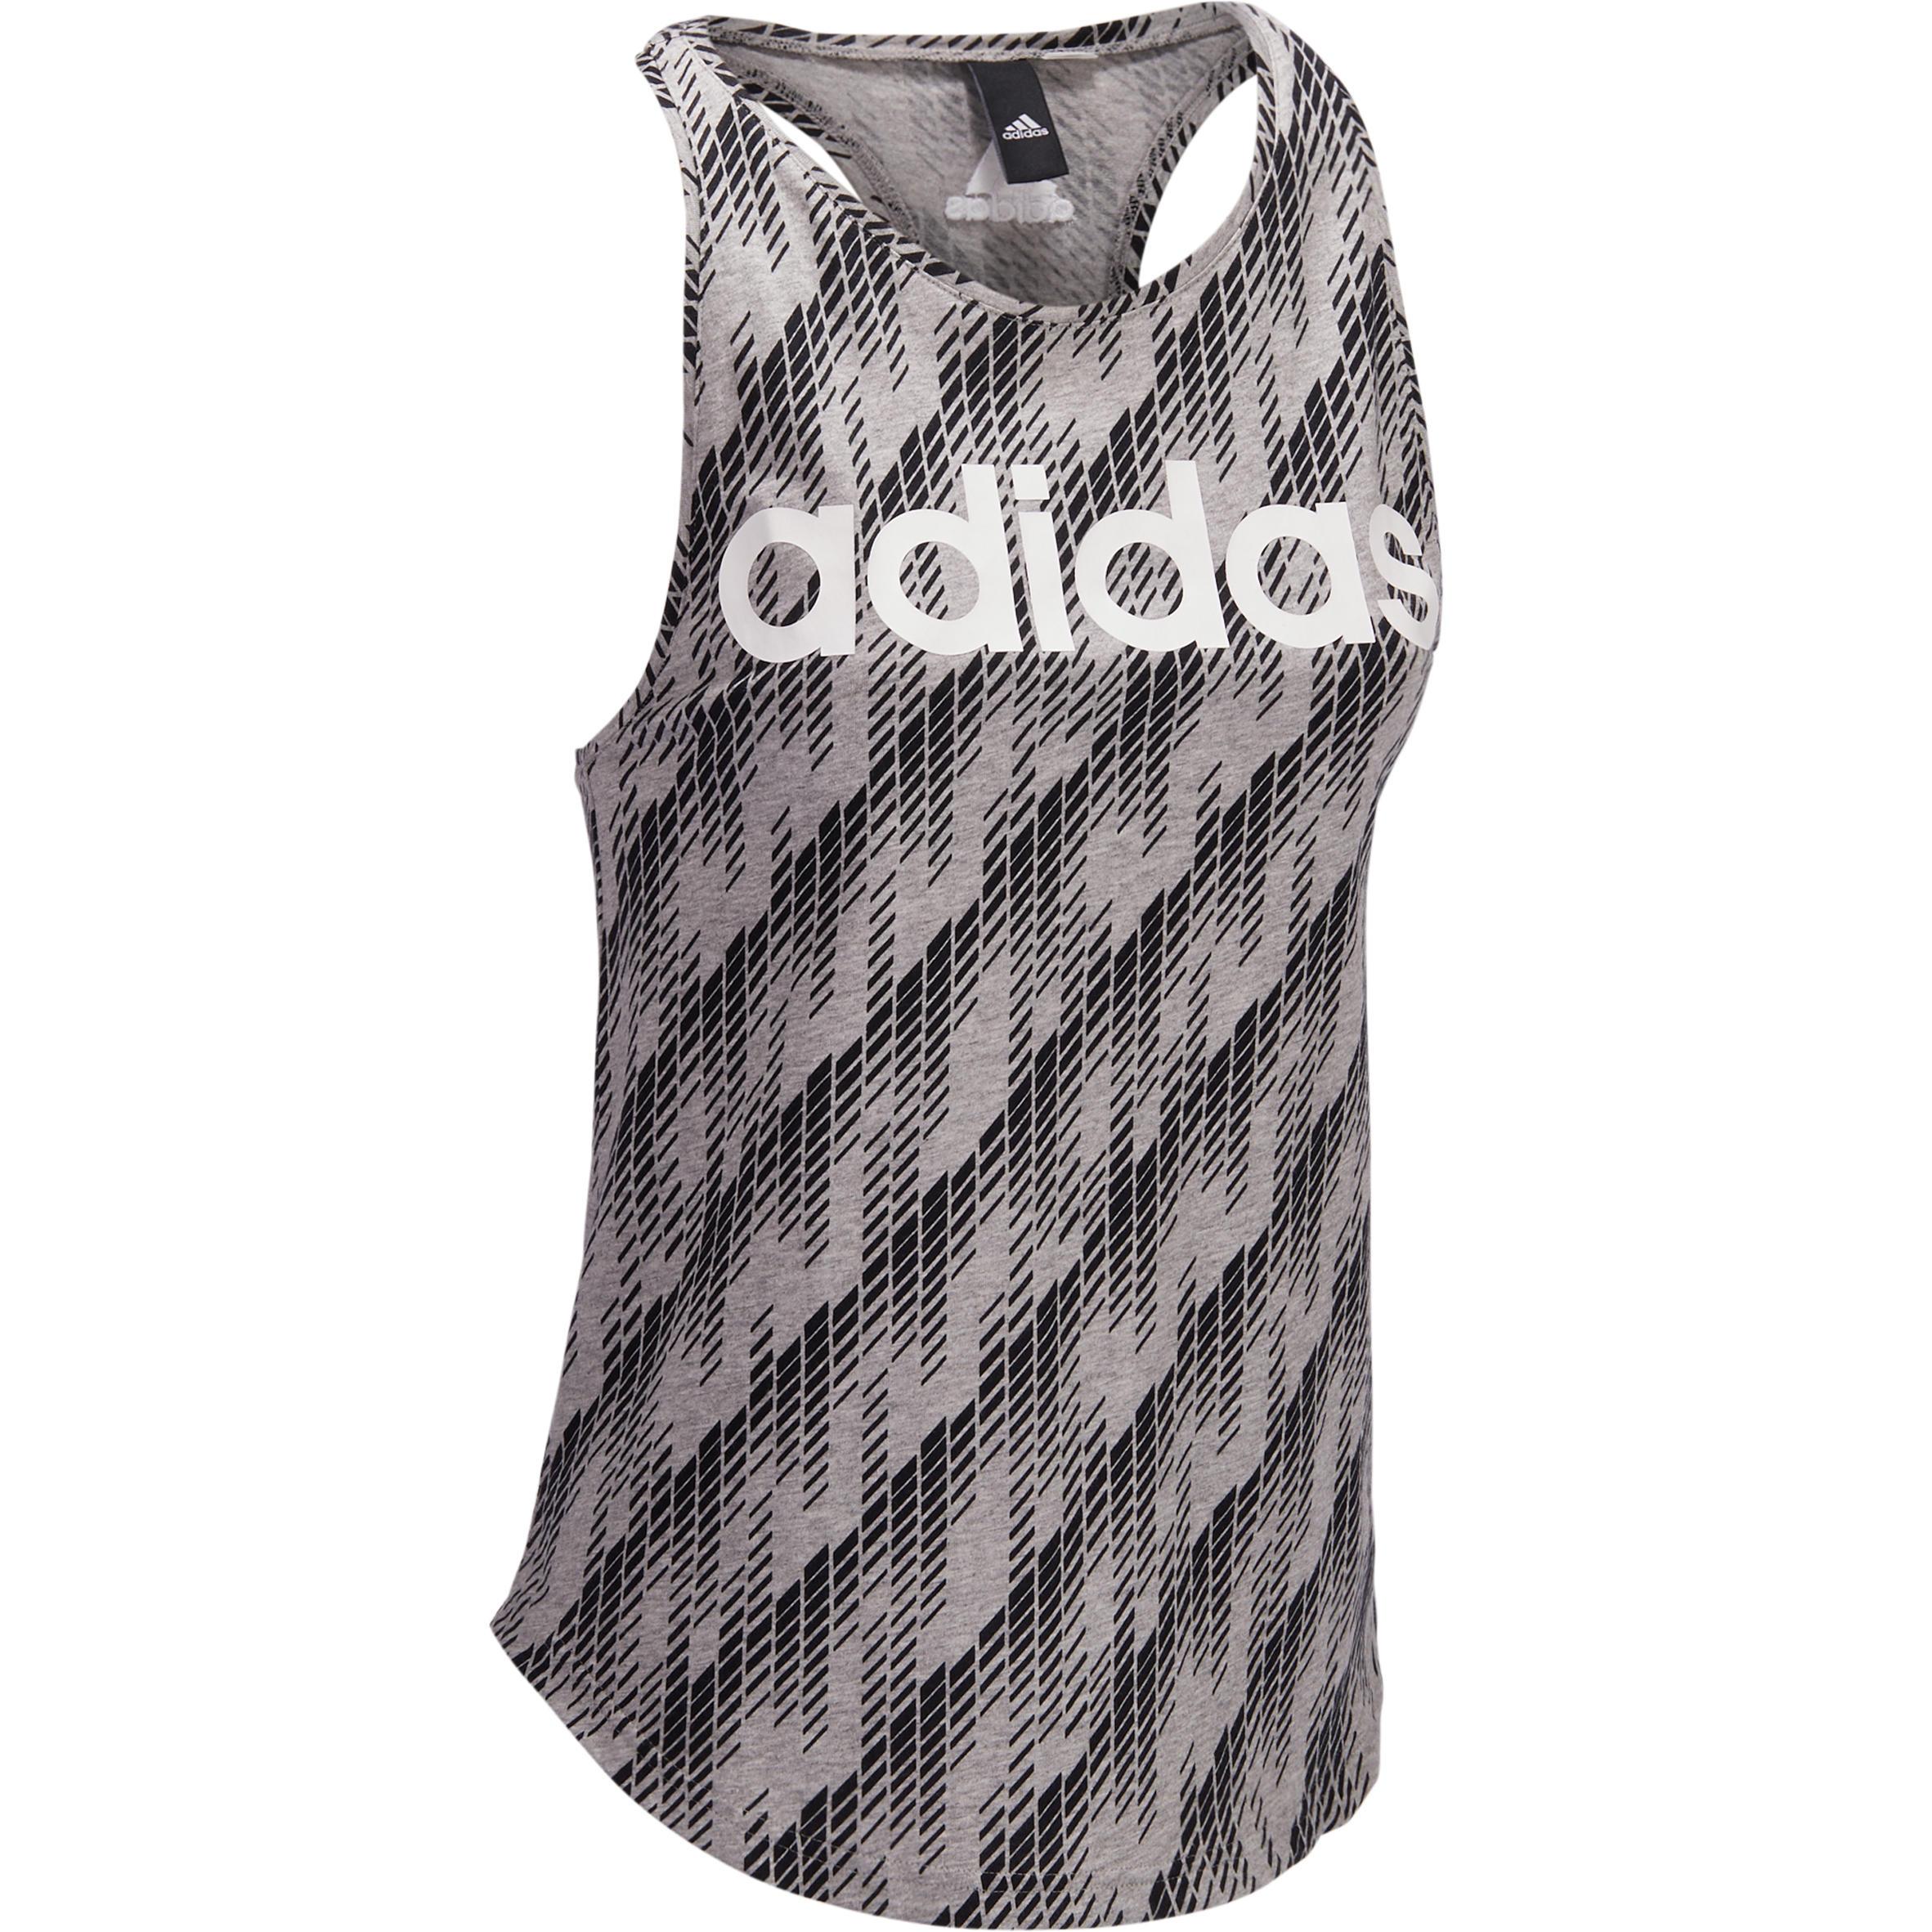 Adidas Damestop Adidas voor gym en pilates katoen print